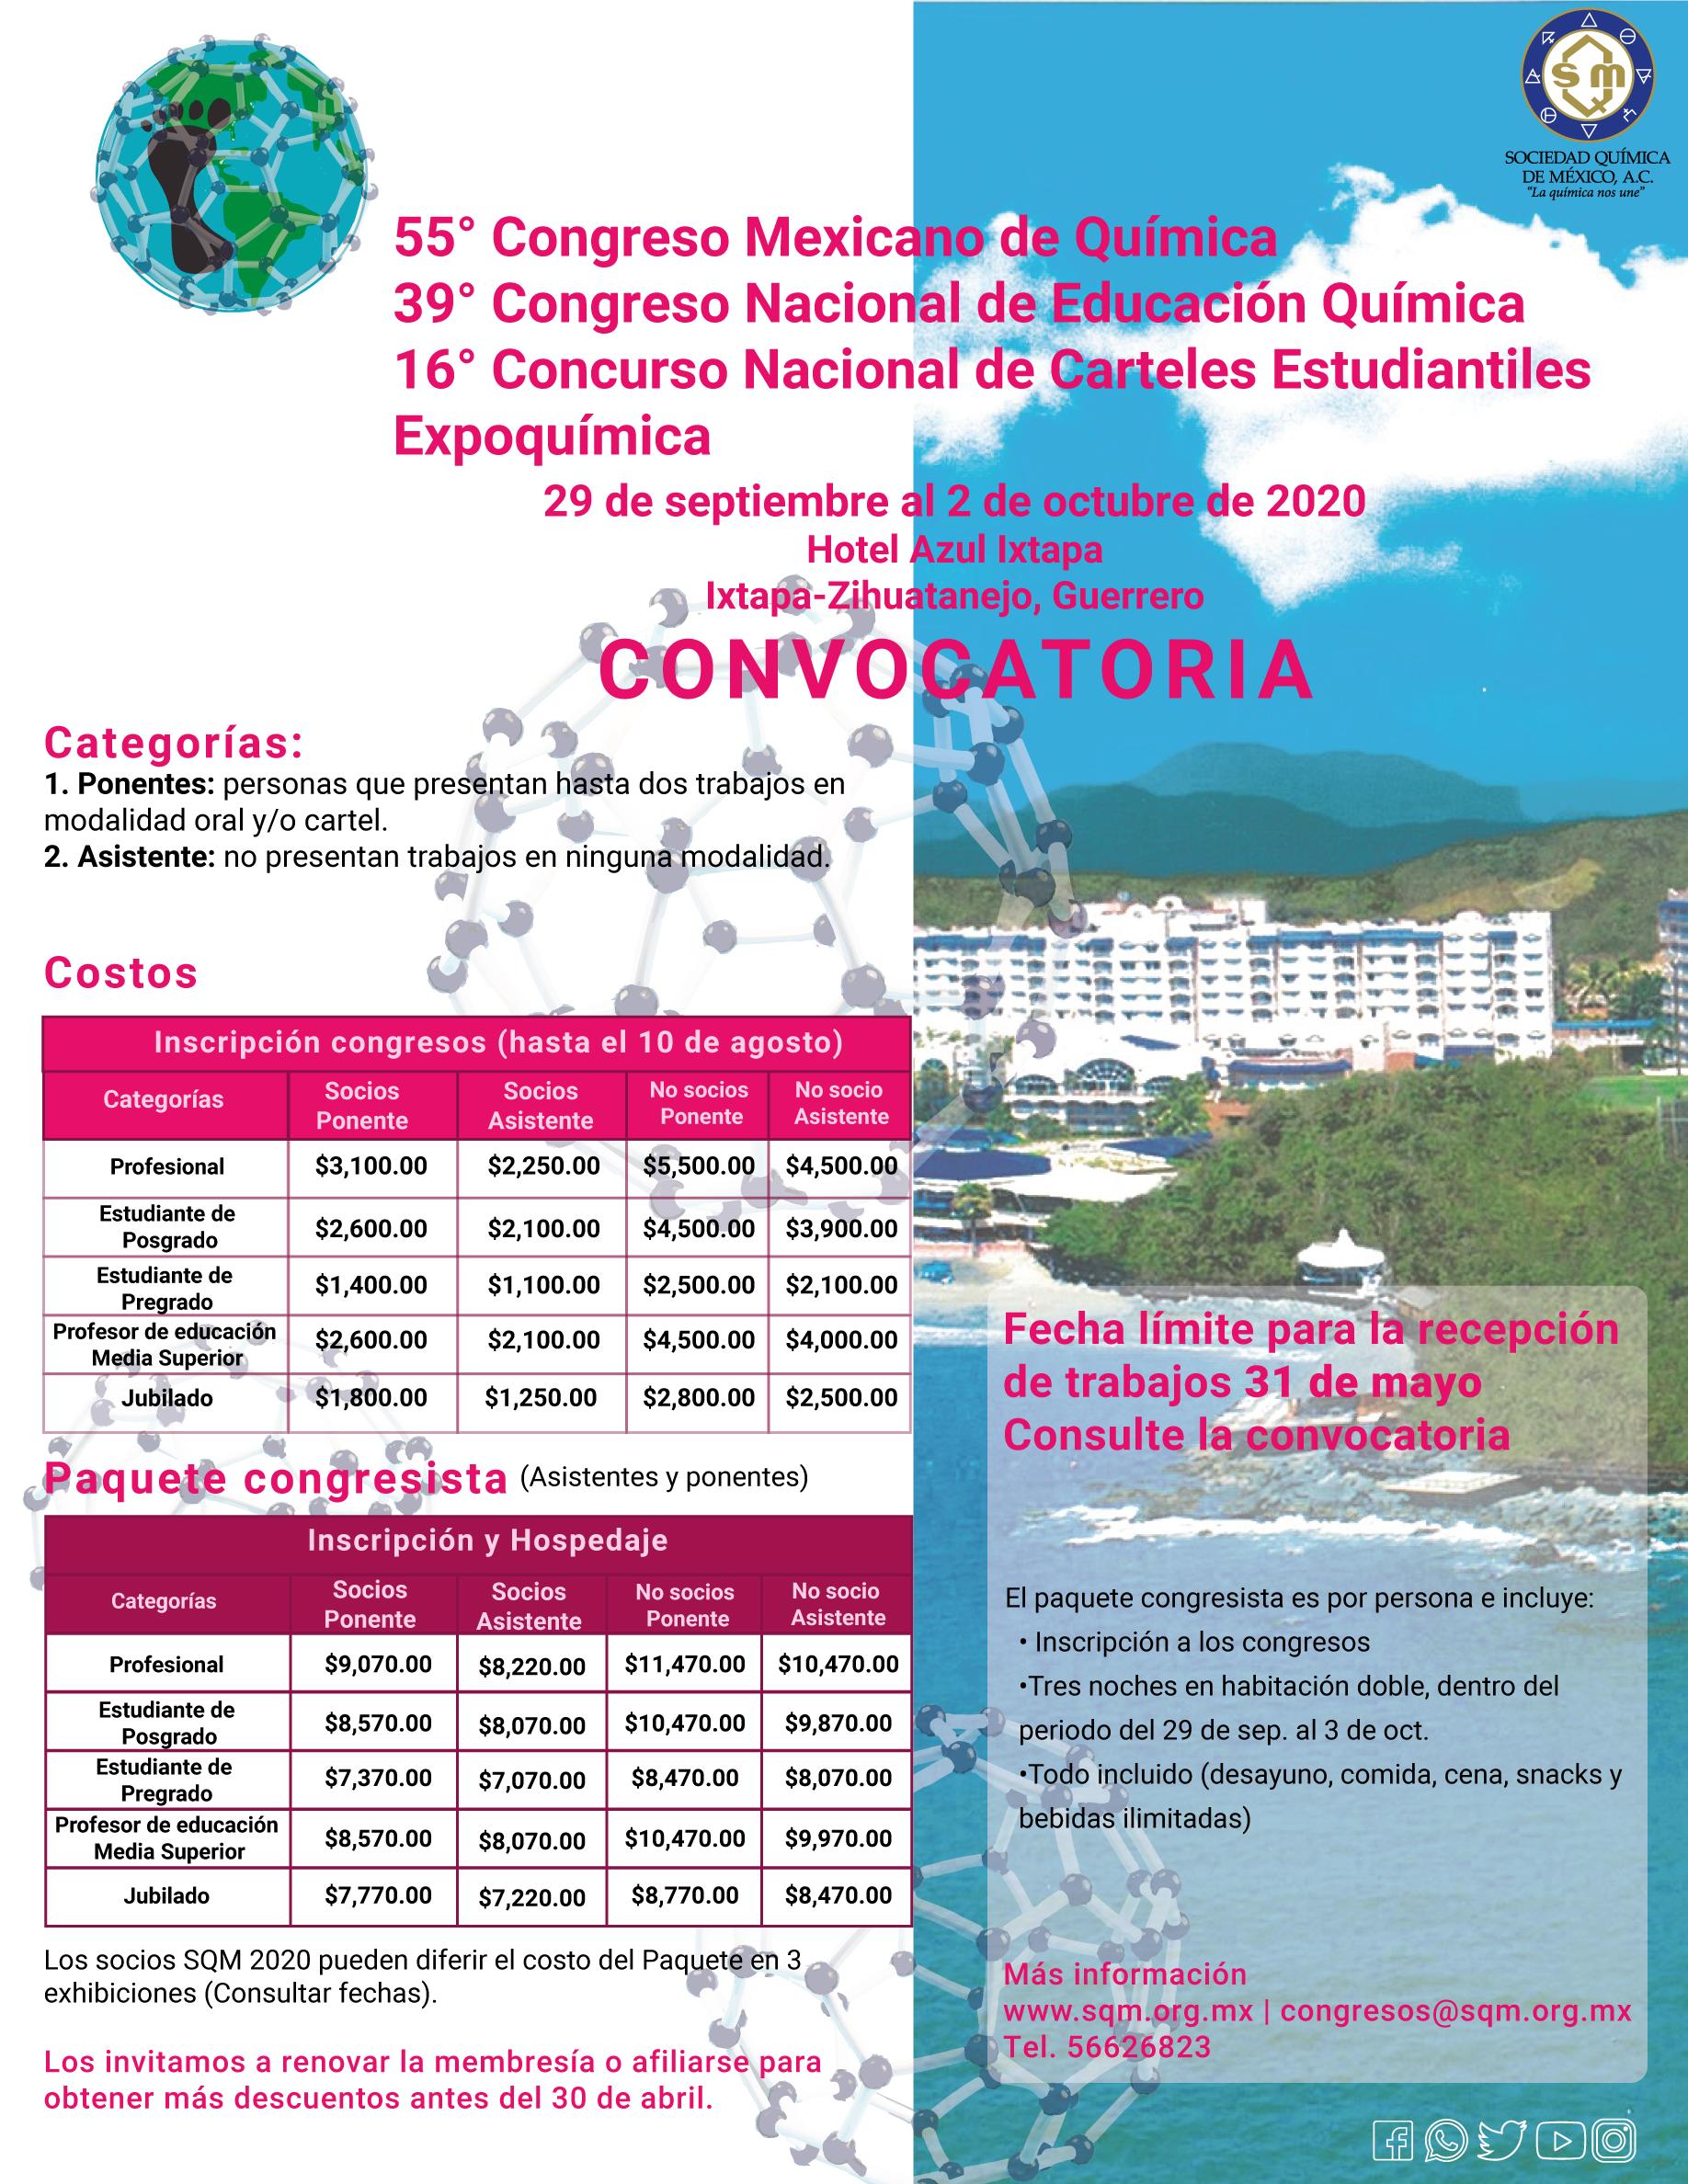 congreso-de-quimica-sociedad-quimica-mexico_opt